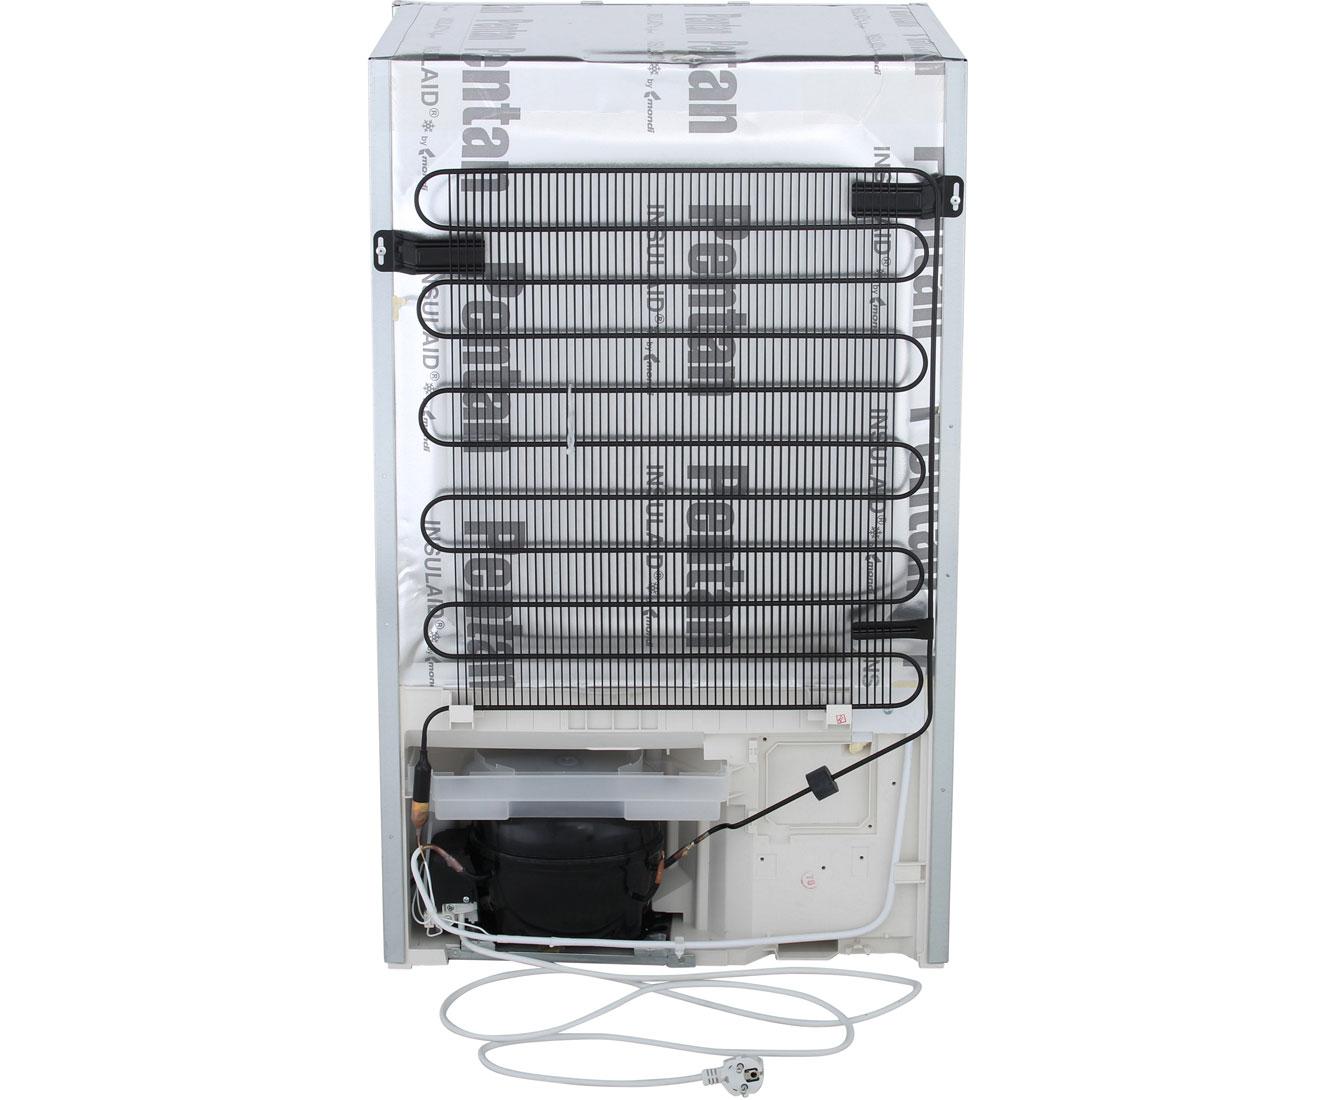 Bosch Kühlschrank Beschreibung : Bosch kil18v60 serie 2 kühlschrank eingebaut 54cm weiss neu ebay